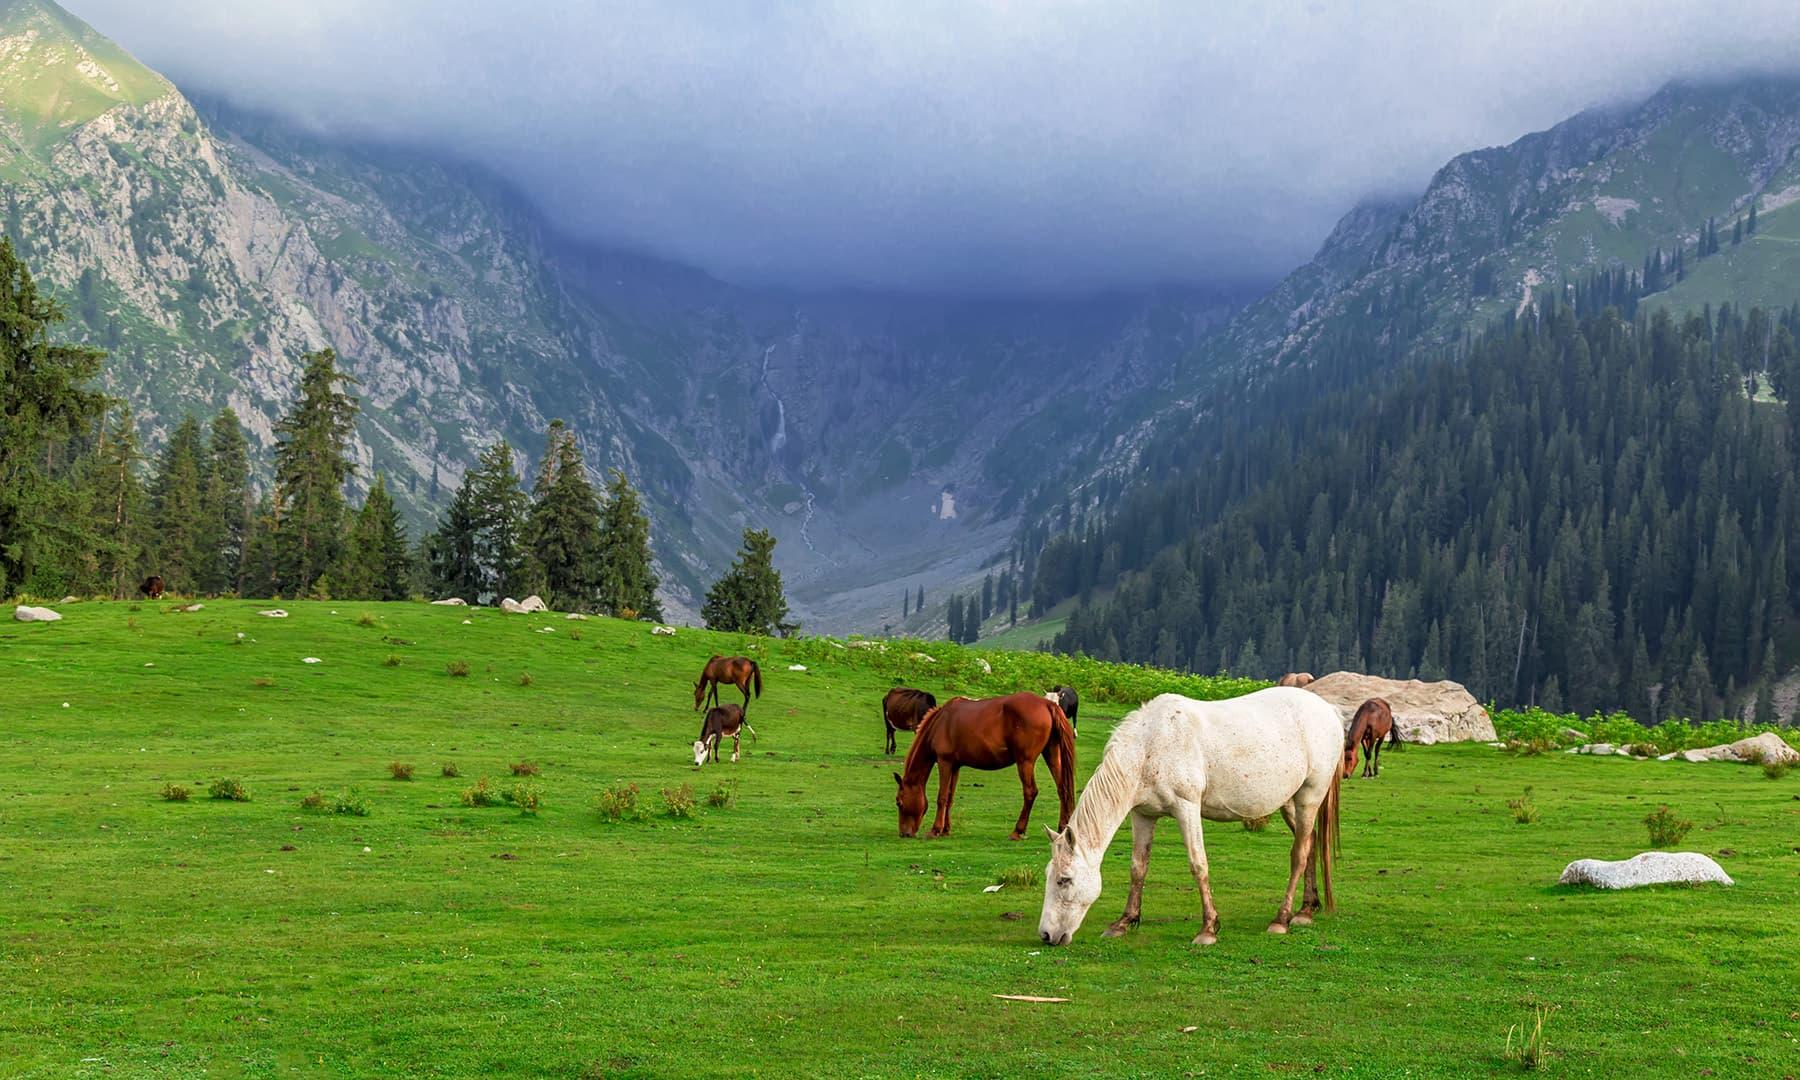 وادی کمراٹ کی خوبصورتی سمیٹنے کے لیے پشاور سے ہمارا پہلا ٹؤر 2011ء میں ہوا—رانا محمد اکمل